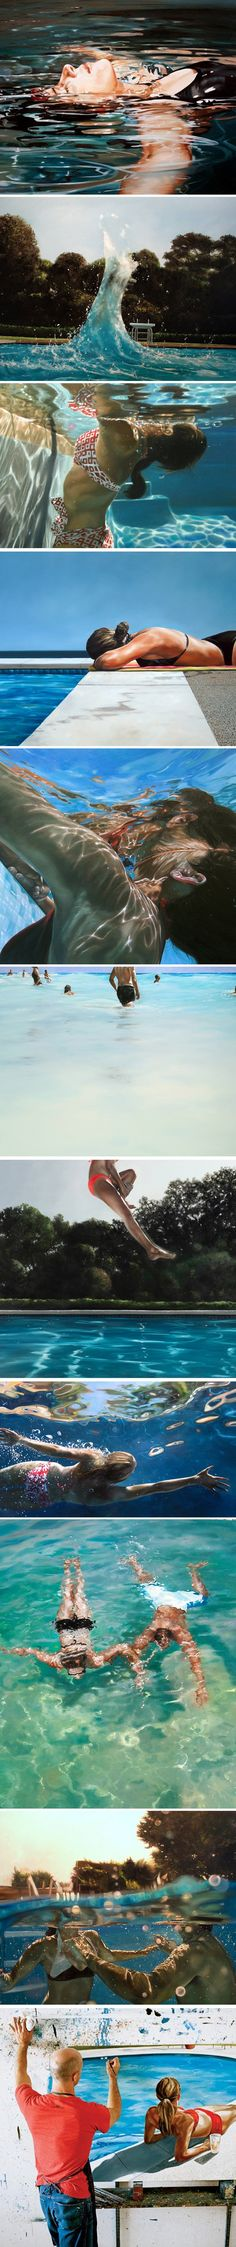 Conheça o trabalho do artista Eric Zener, que cria essas incríveis pinturas hiperrealistas.